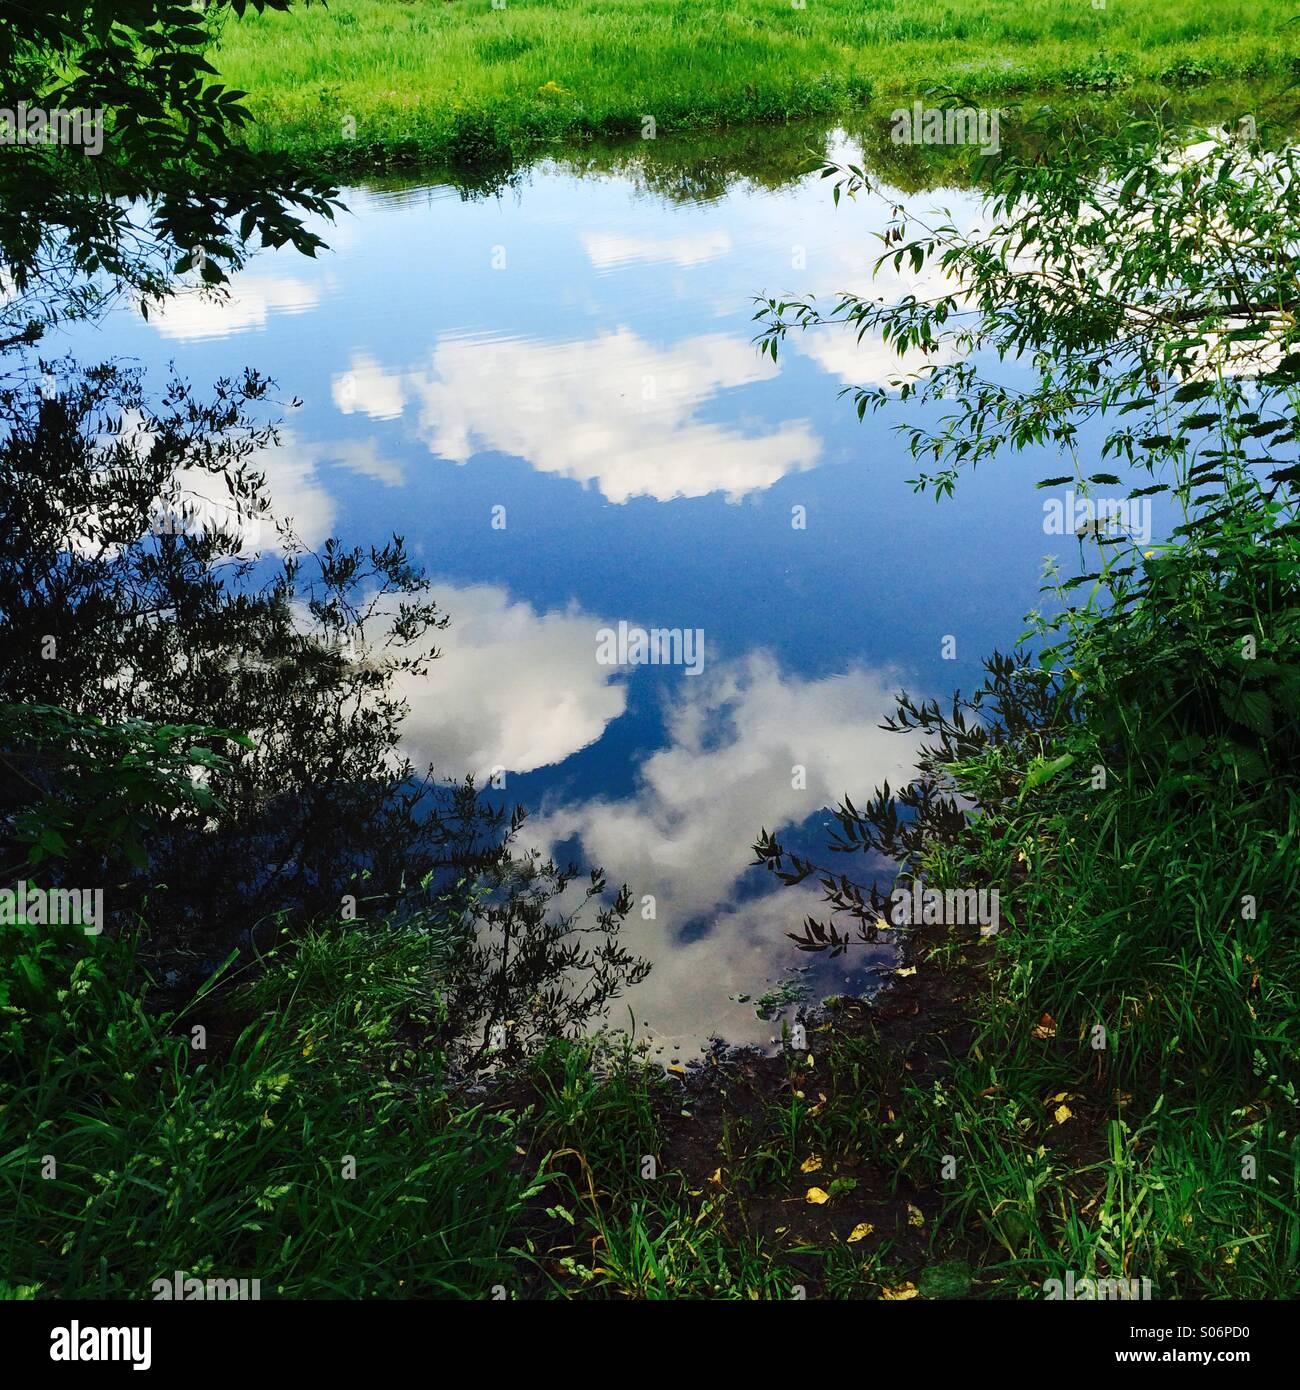 Idílico escenario de verano con nubes blancas reflejan en Río. Imagen De Stock